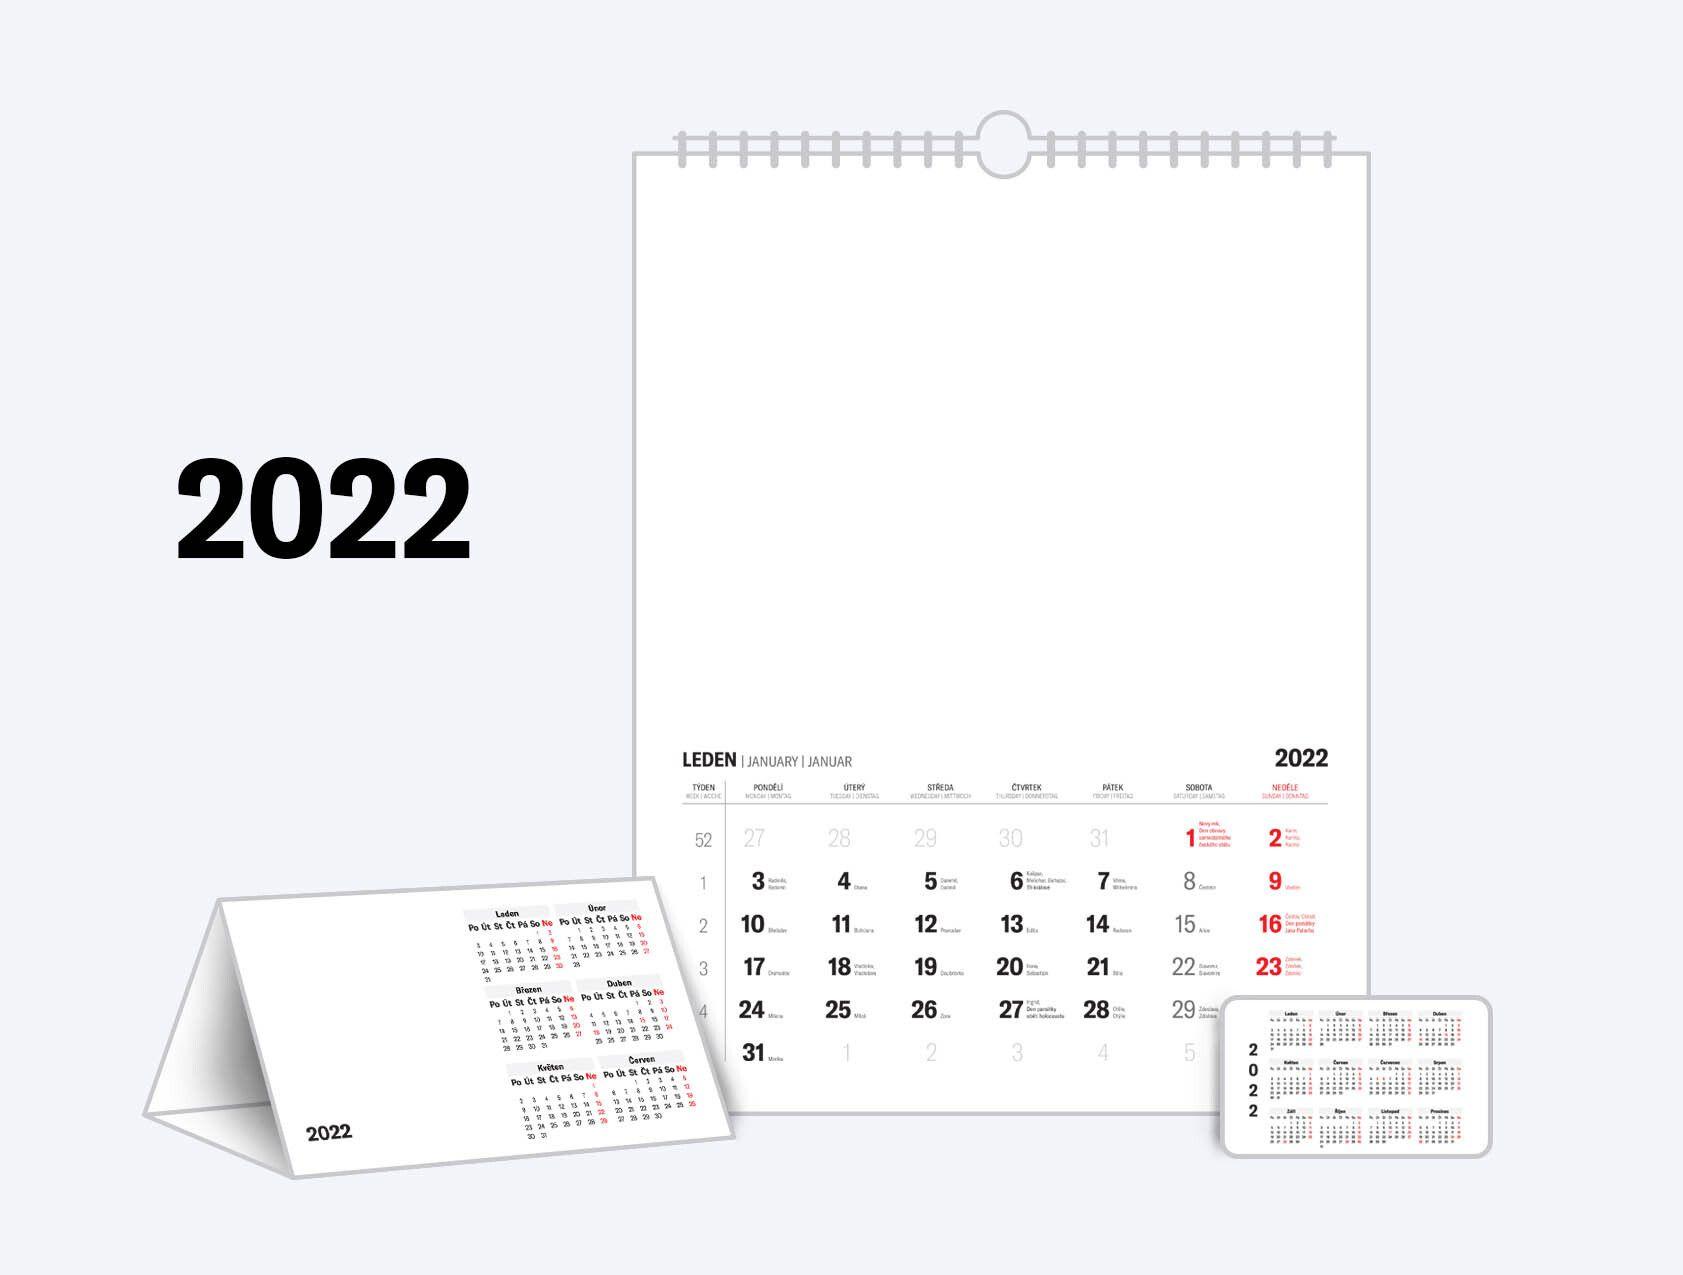 Kalendária 2022 ke stažení